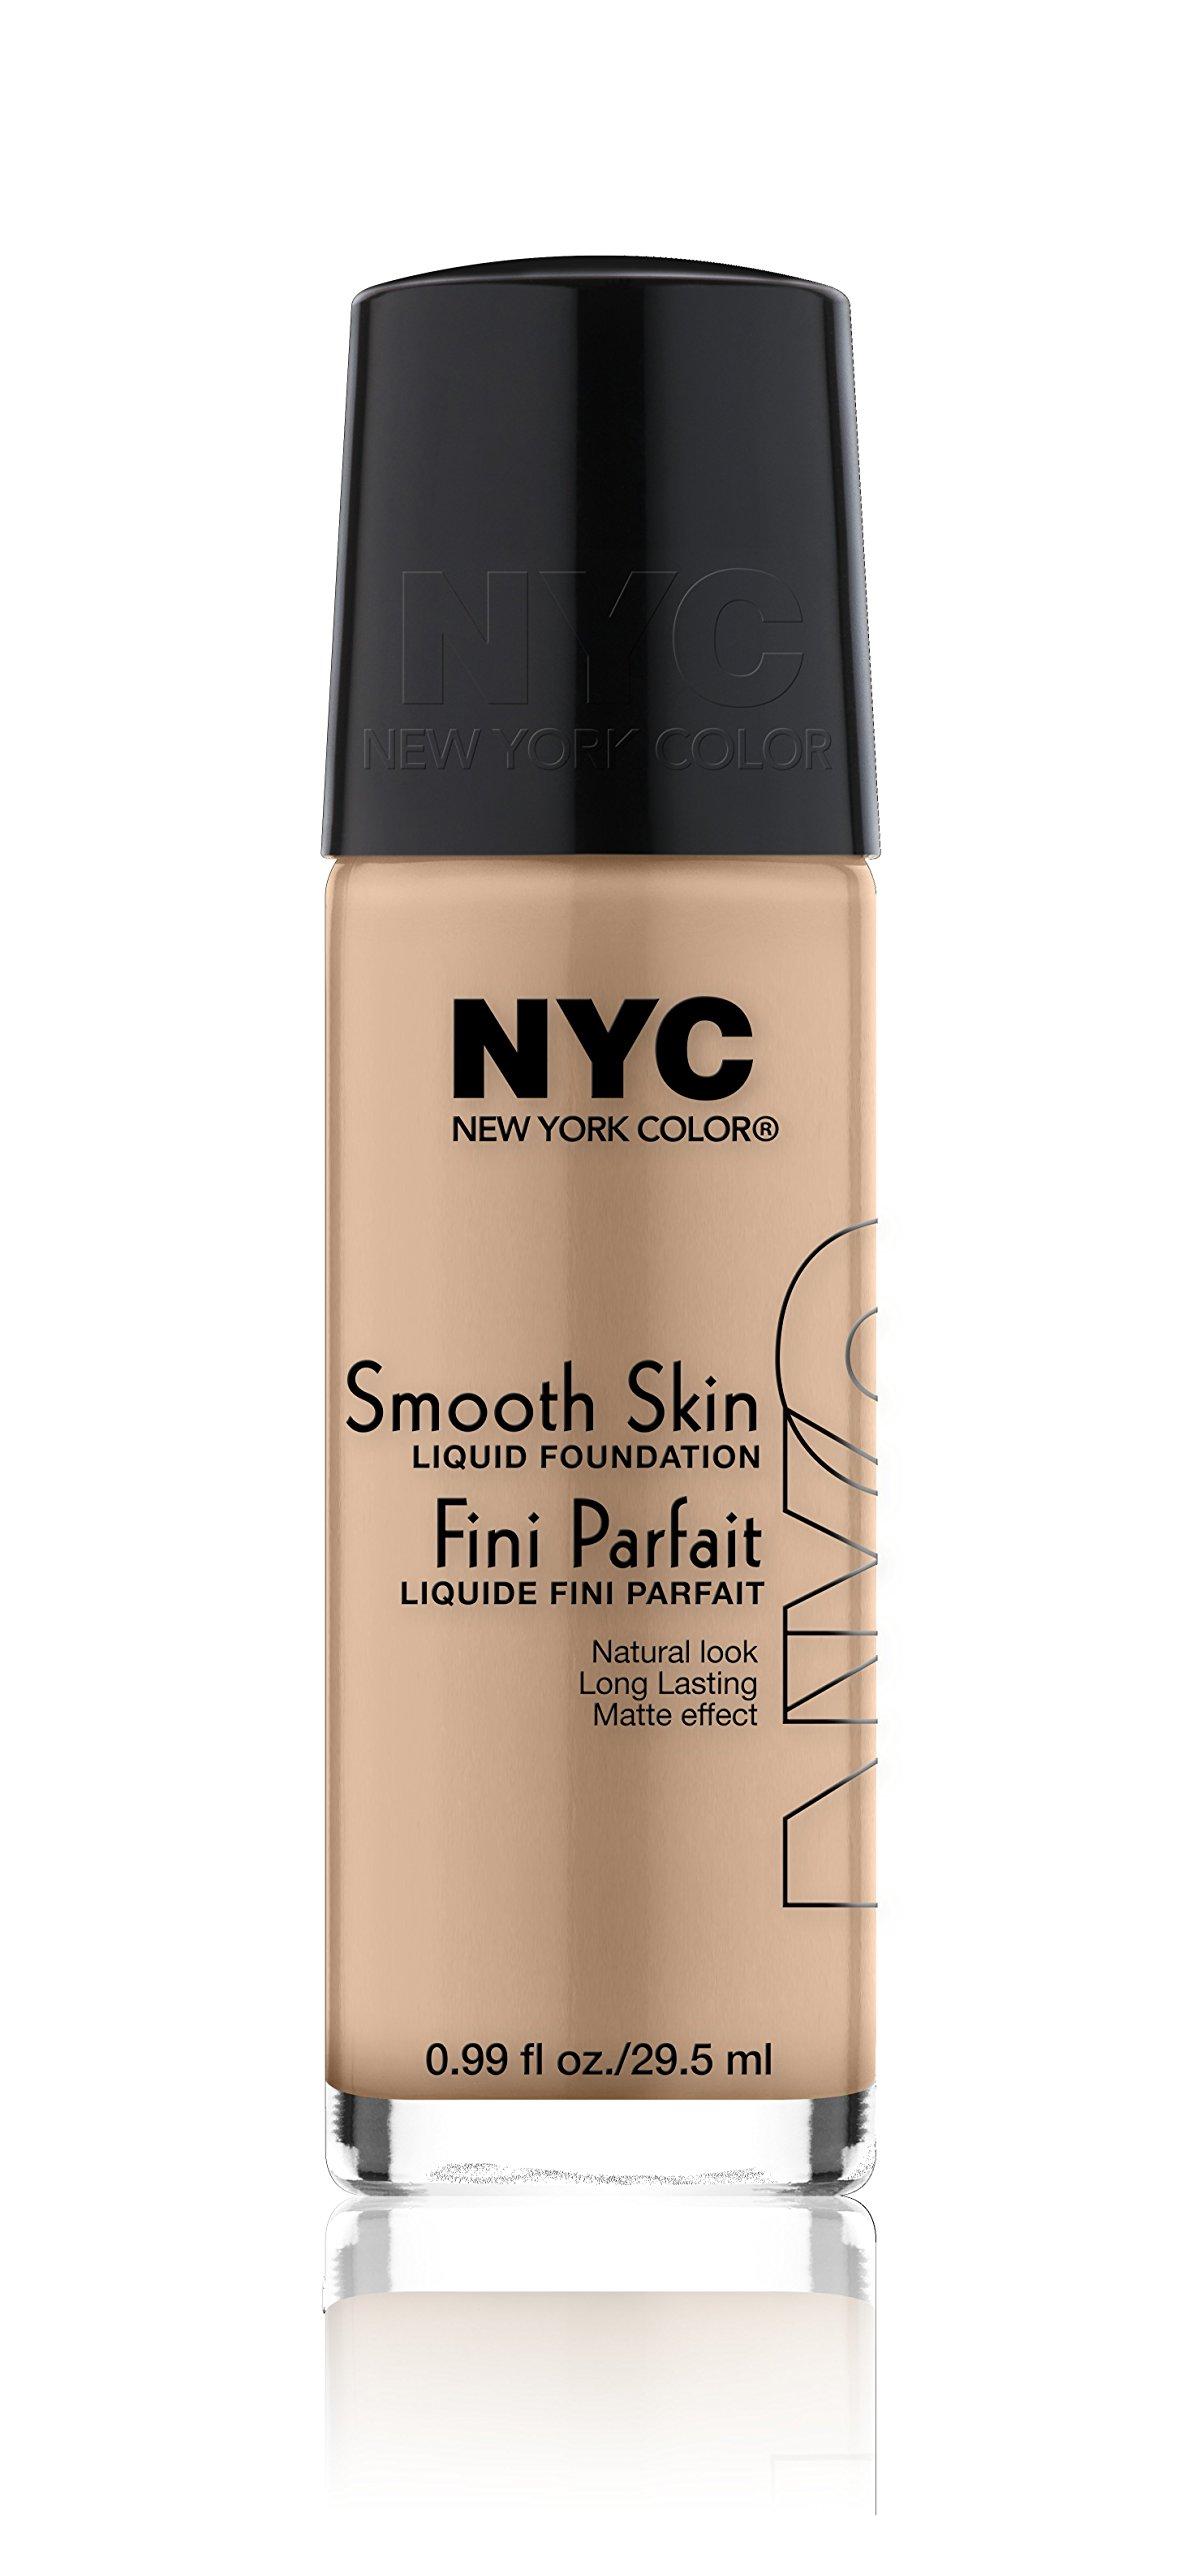 N.Y.C. New York Color Smooth Skin Foundation, Warm Beige, 1 Fluid Ounce